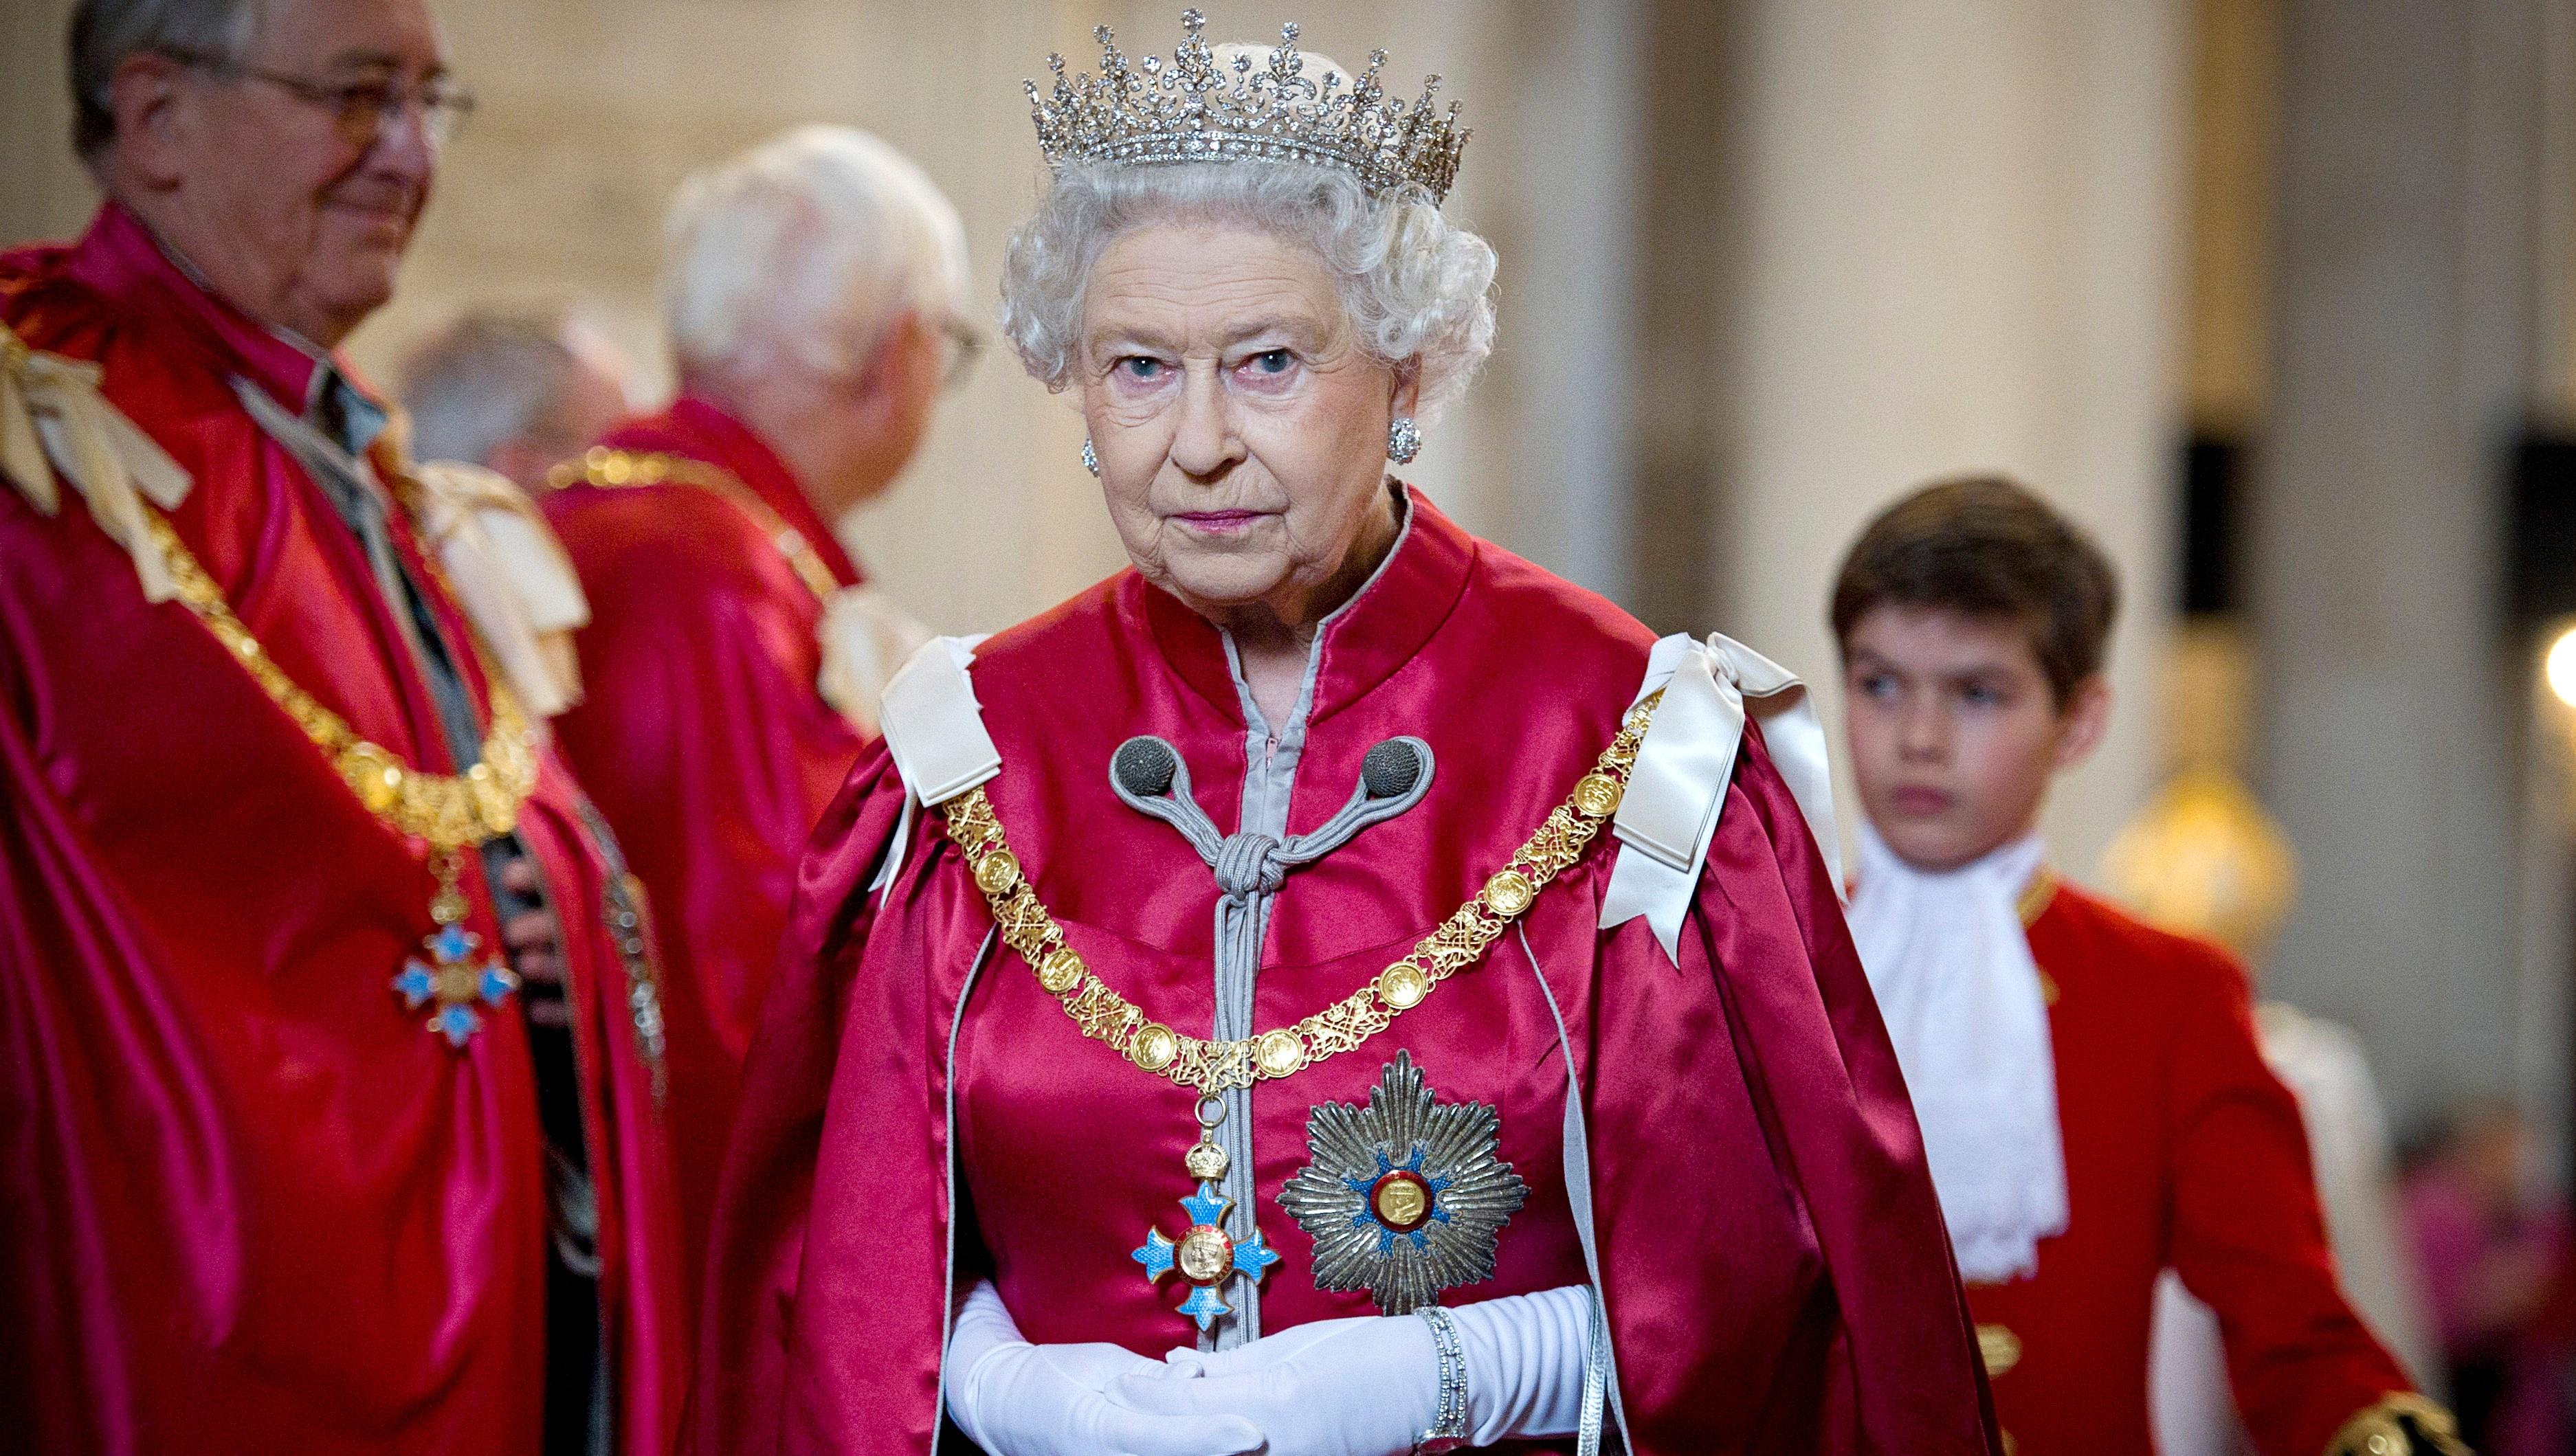 Queen Elizabeth, Traditional Attire, Crown